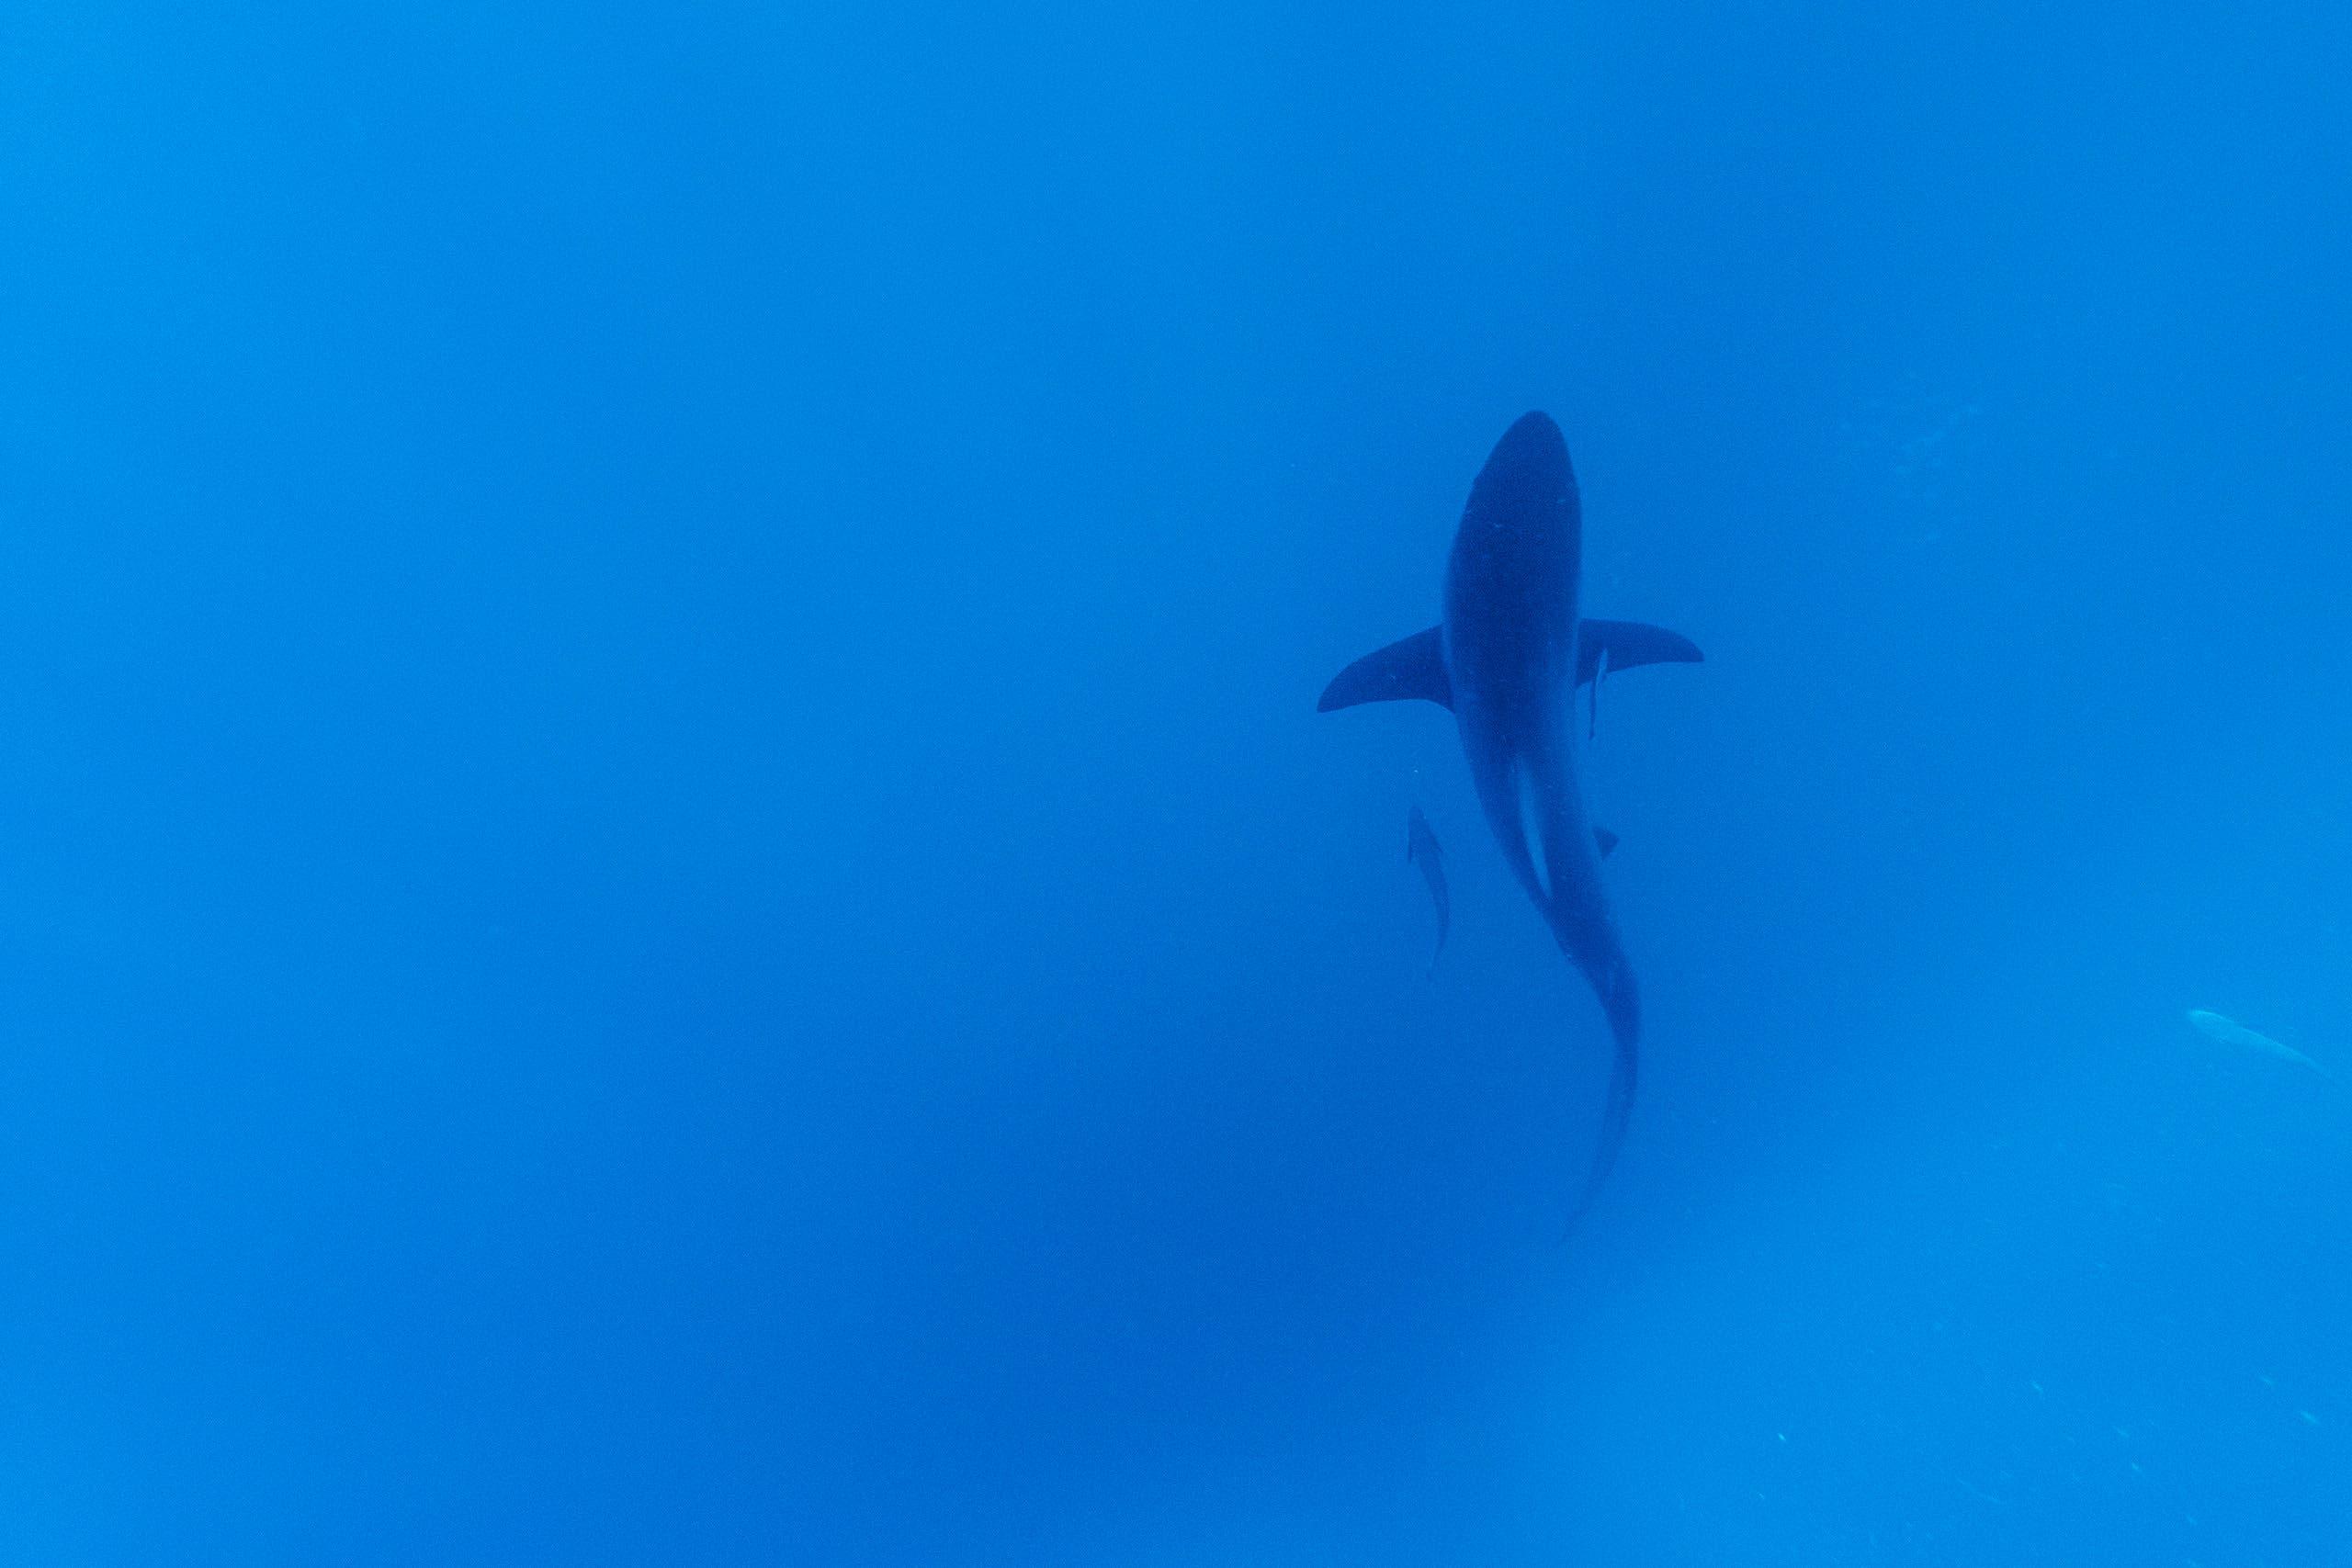 سمكة قرش قبالة جنوب أفريقيا